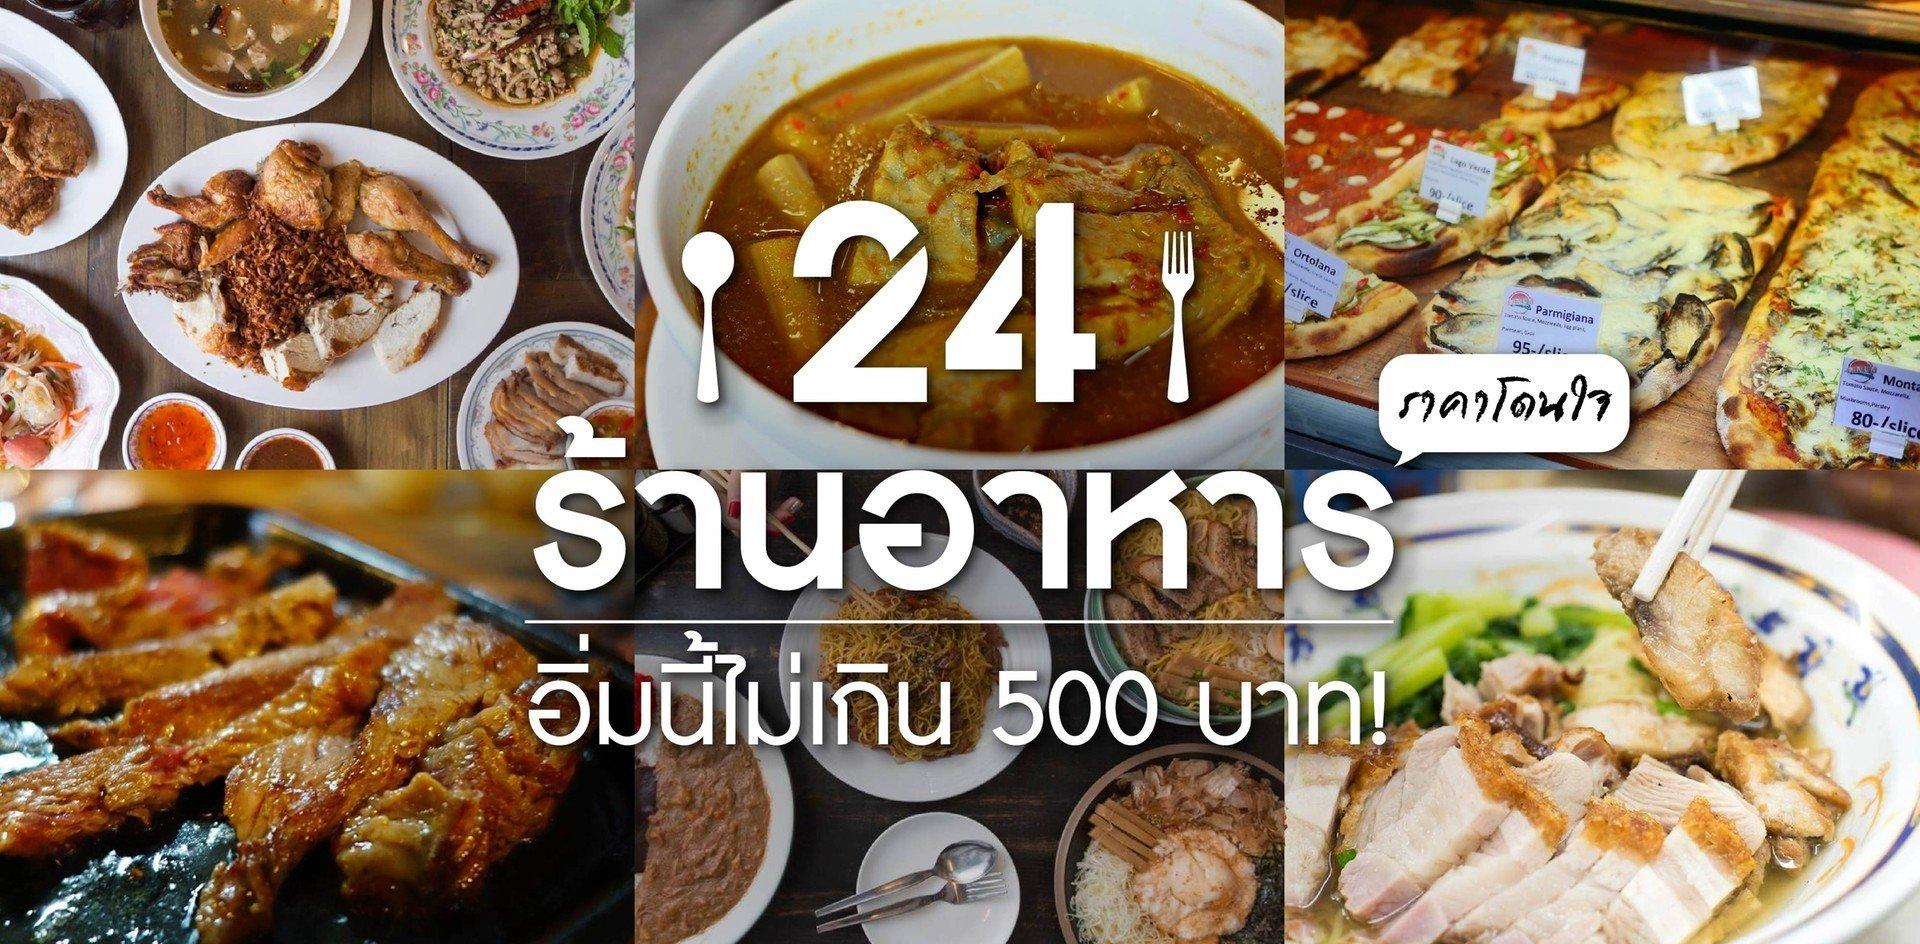 มีงบอยู่ 500 ก็อร่อยได้ กับ 10 ร้านเด็ดราคาโดนใจ อิ่ม ฟิน คุ้ม!